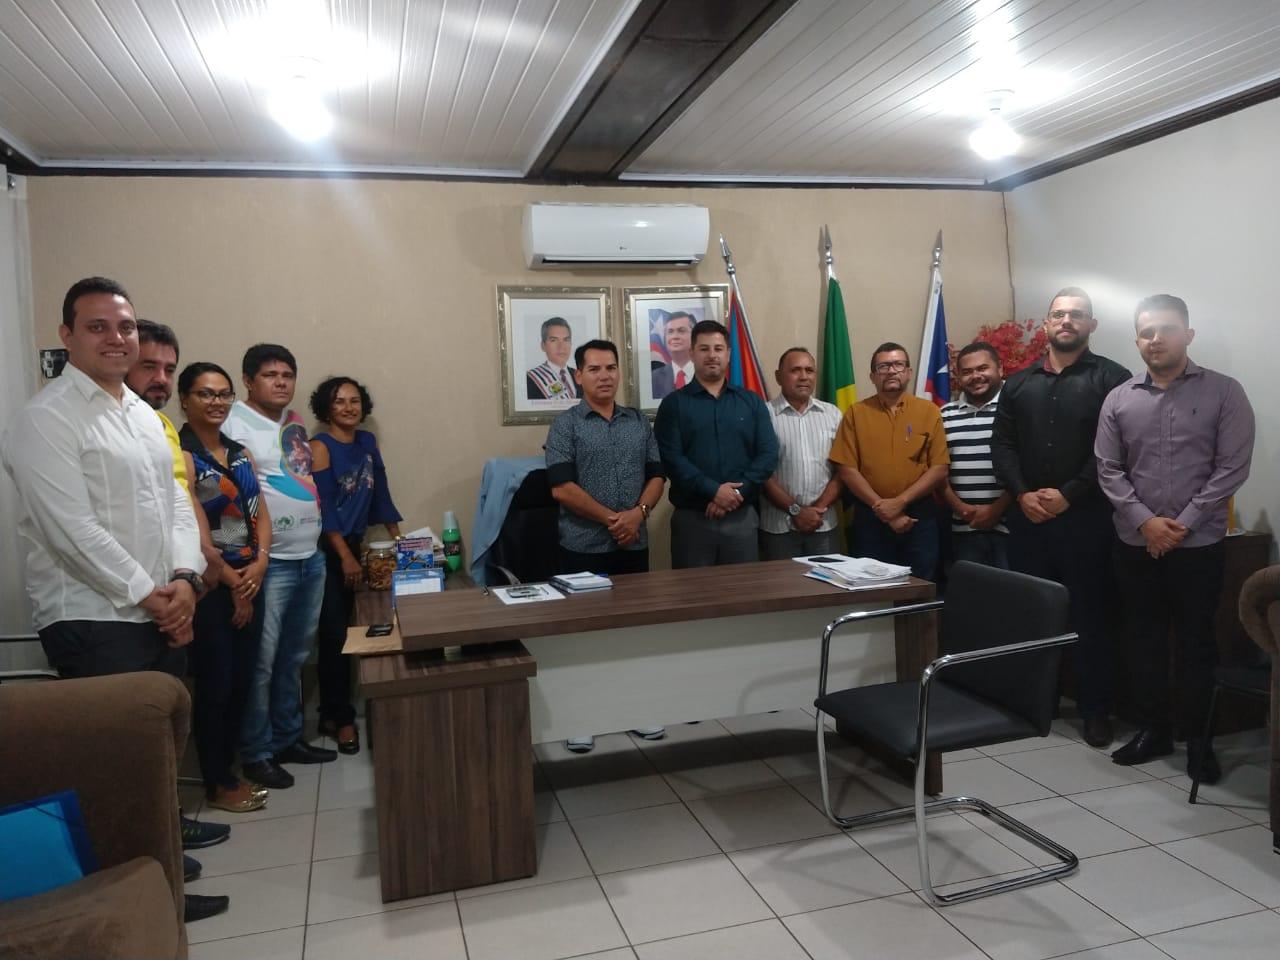 Visita deveria acontecer somente no próximo dia 21 de agosto, mas, foi antecipada após  solicitação feita ao prefeito Edilomar Miranda